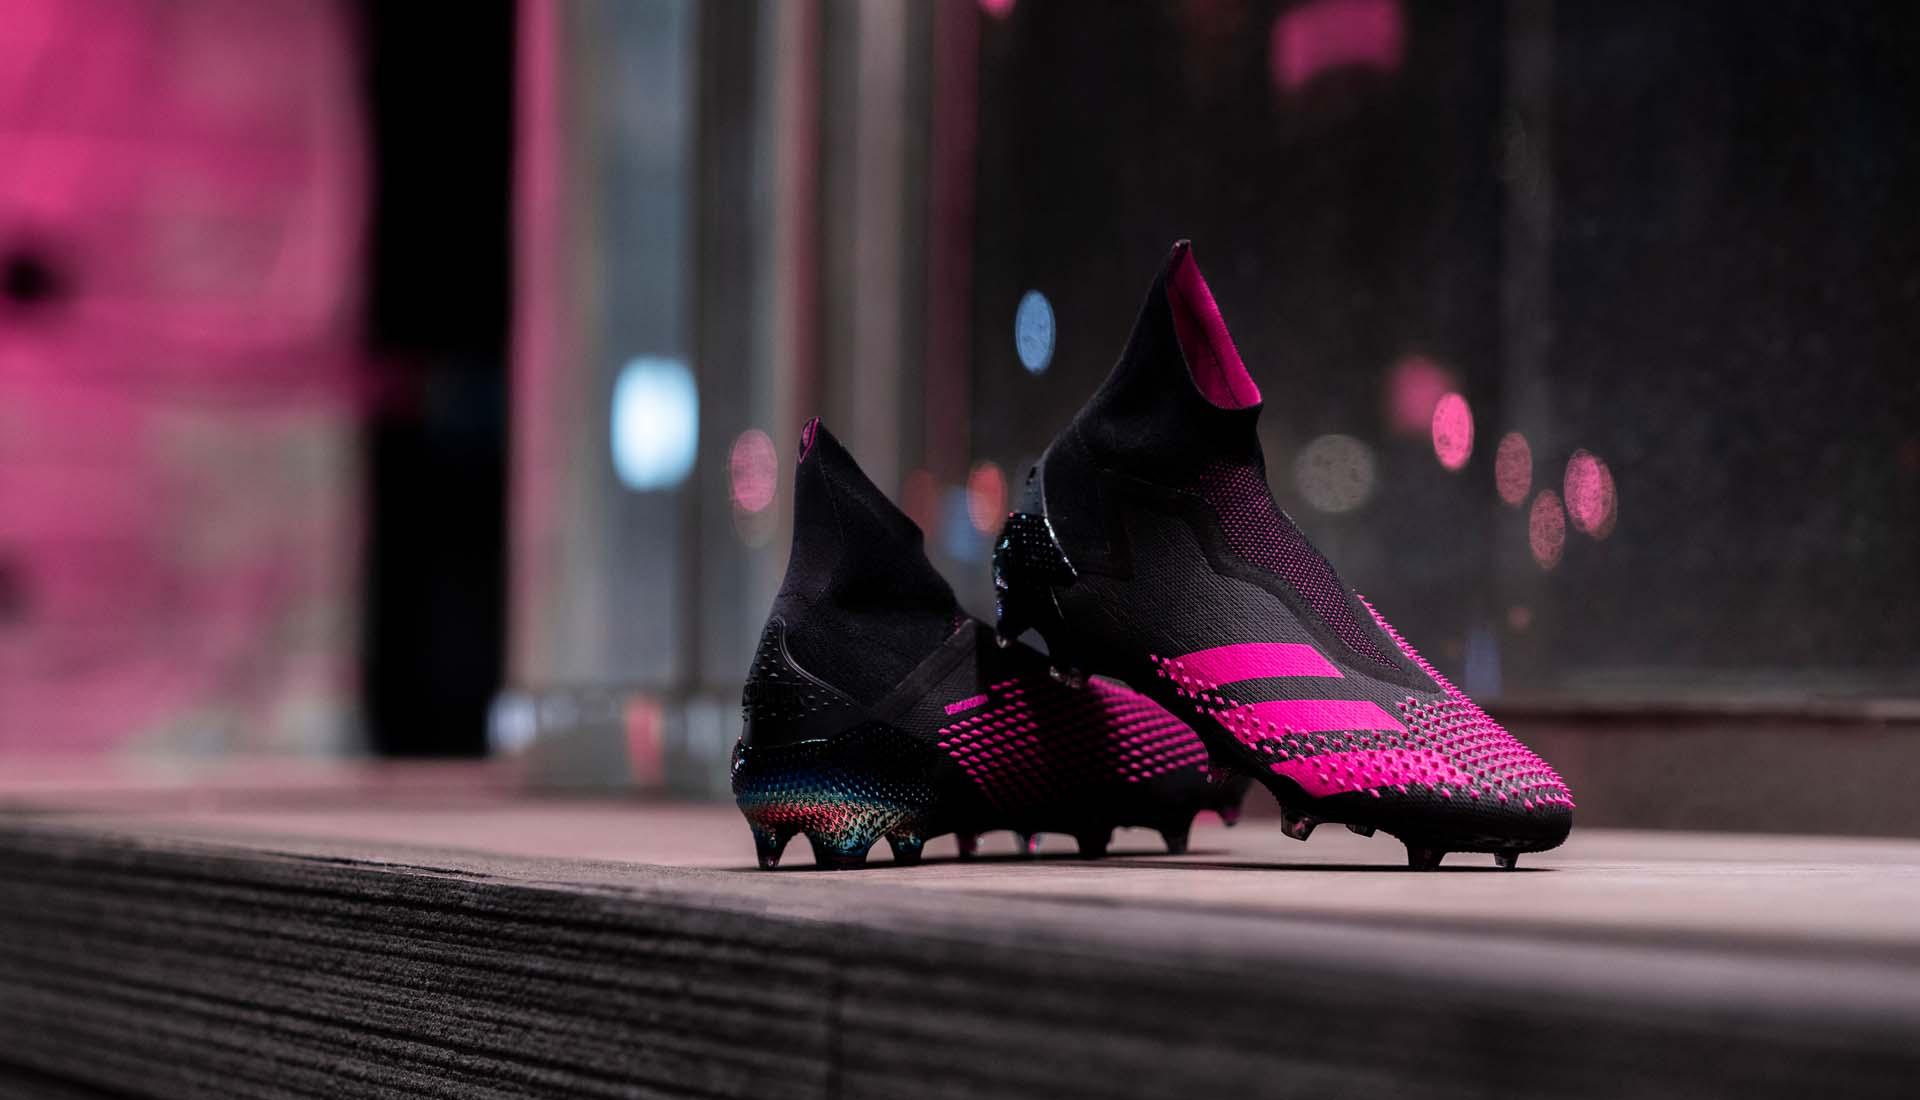 Giày Adidas Predator 20+ FG đen hồng được làm bằng chất liệu da vải sợi dệt êm mềm